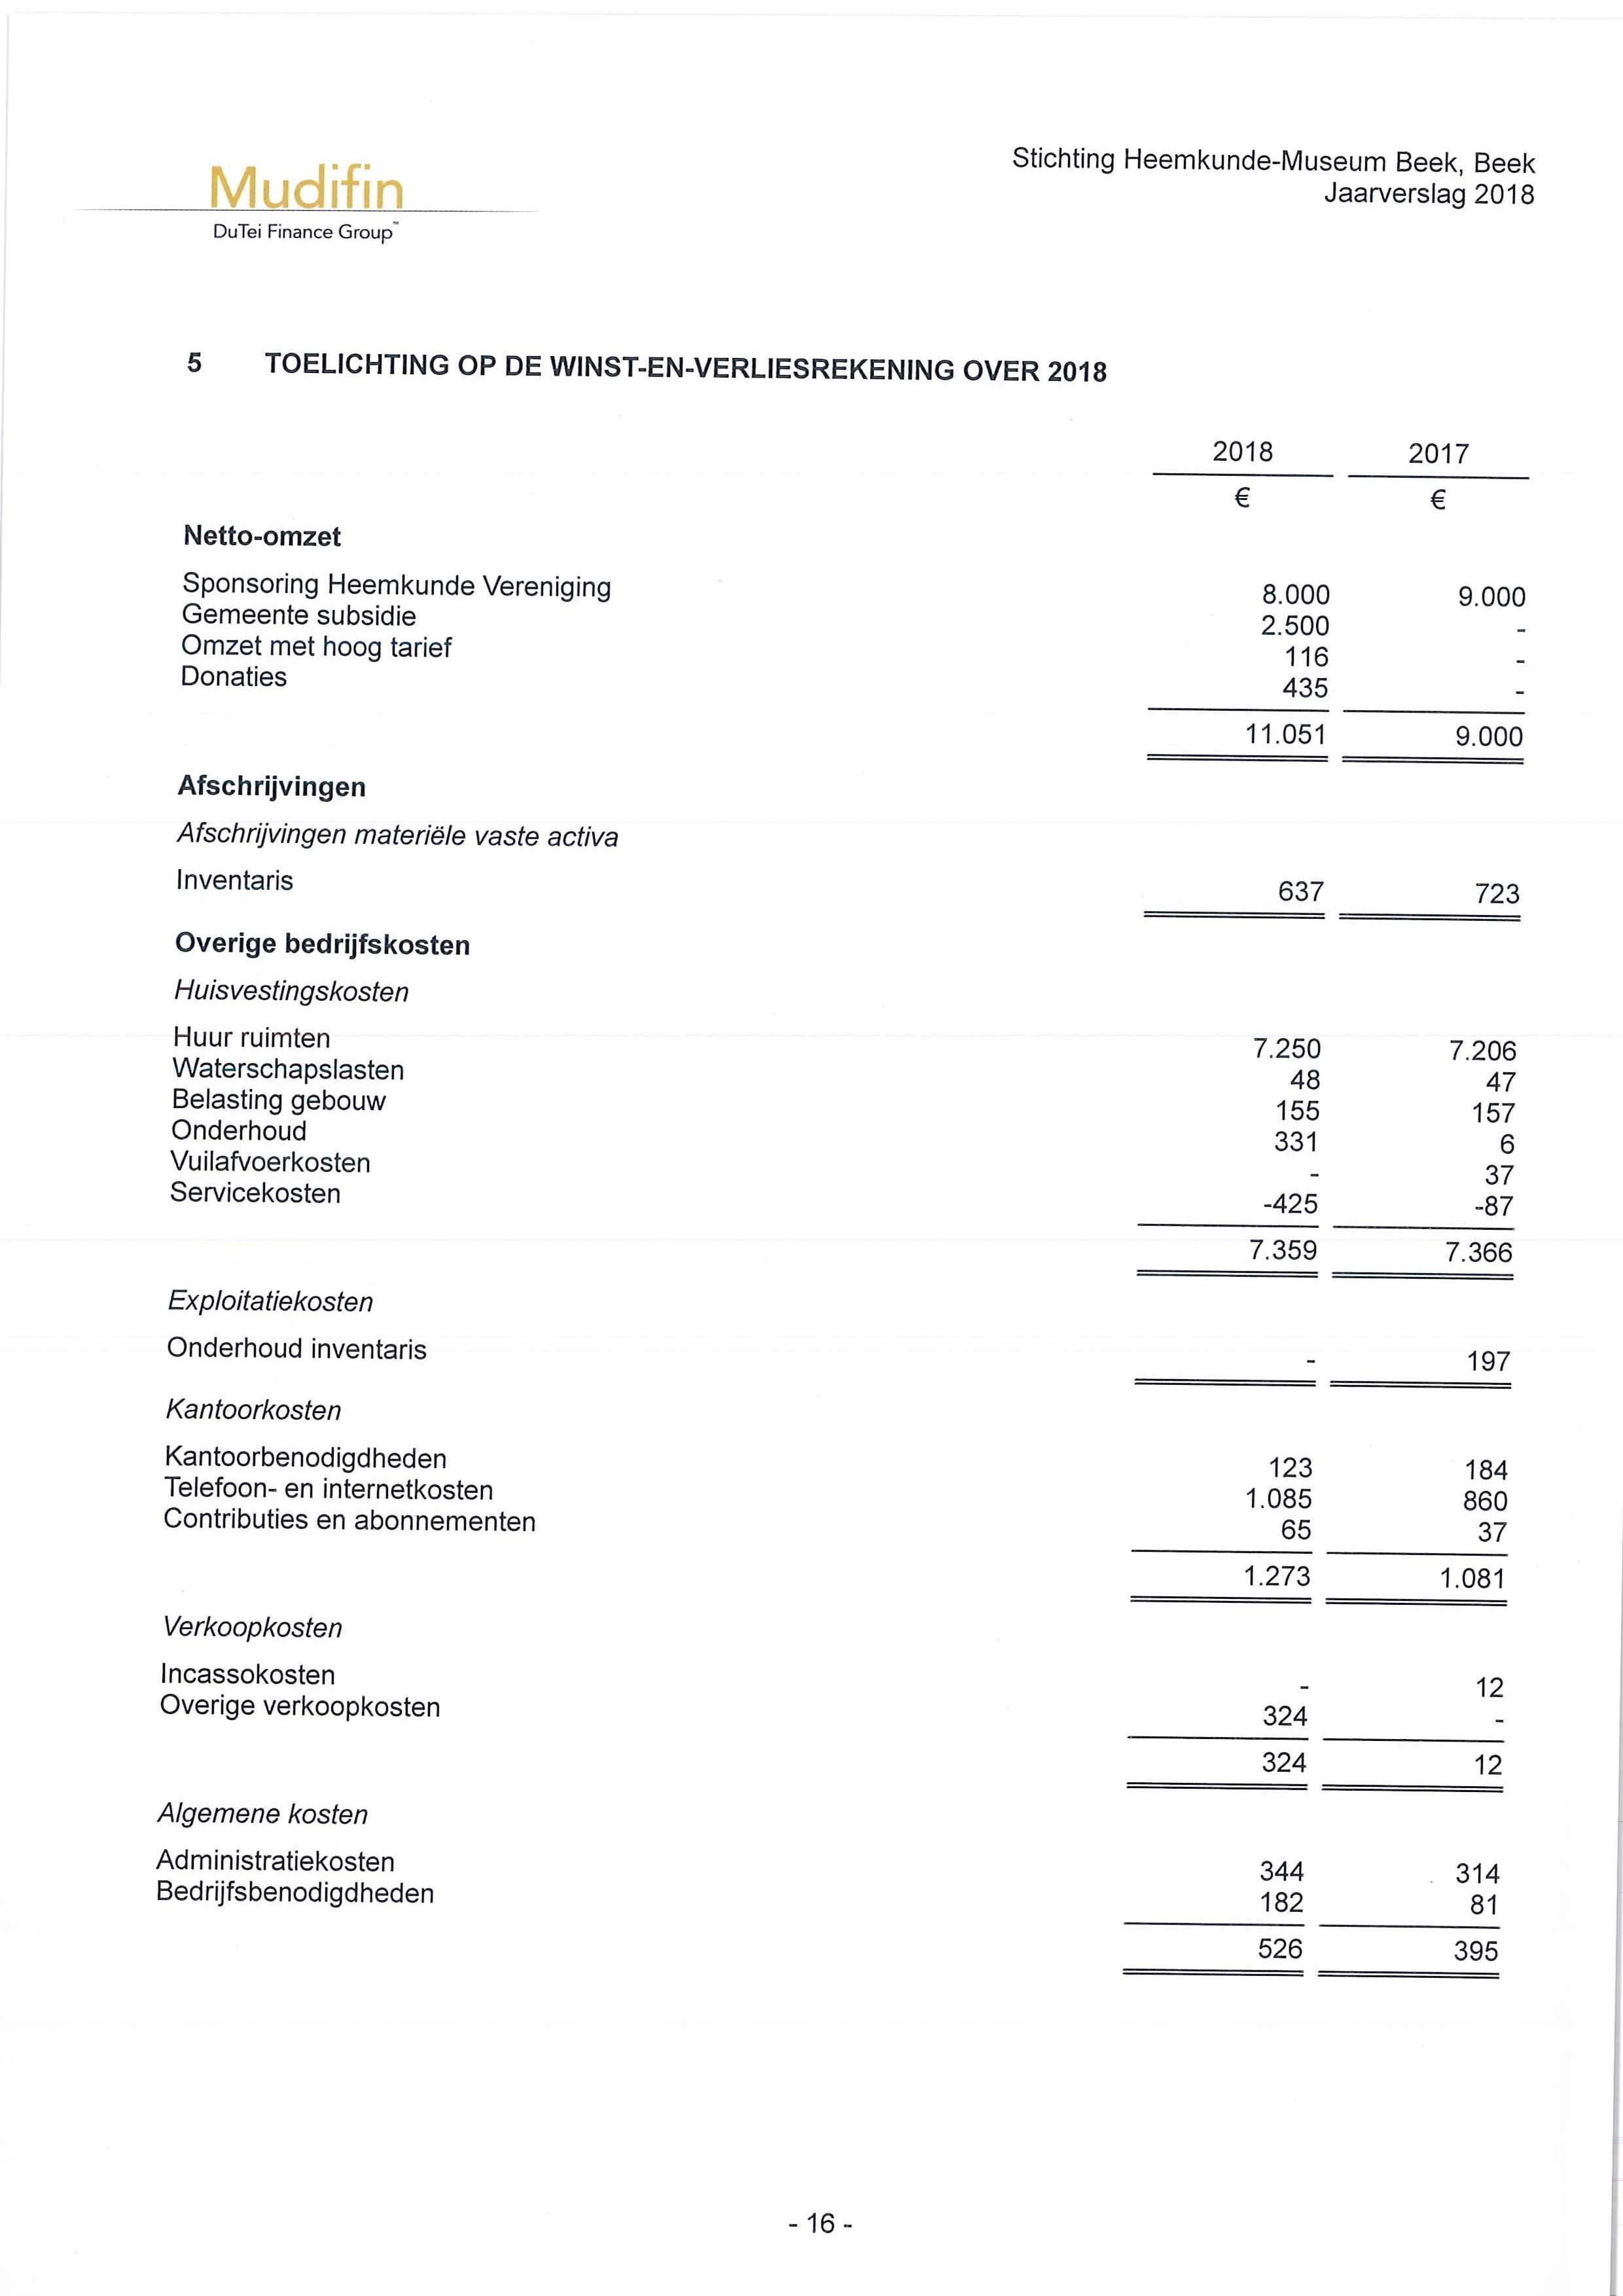 Jaarrekening-2018.page16.jpg - 367,13 kB